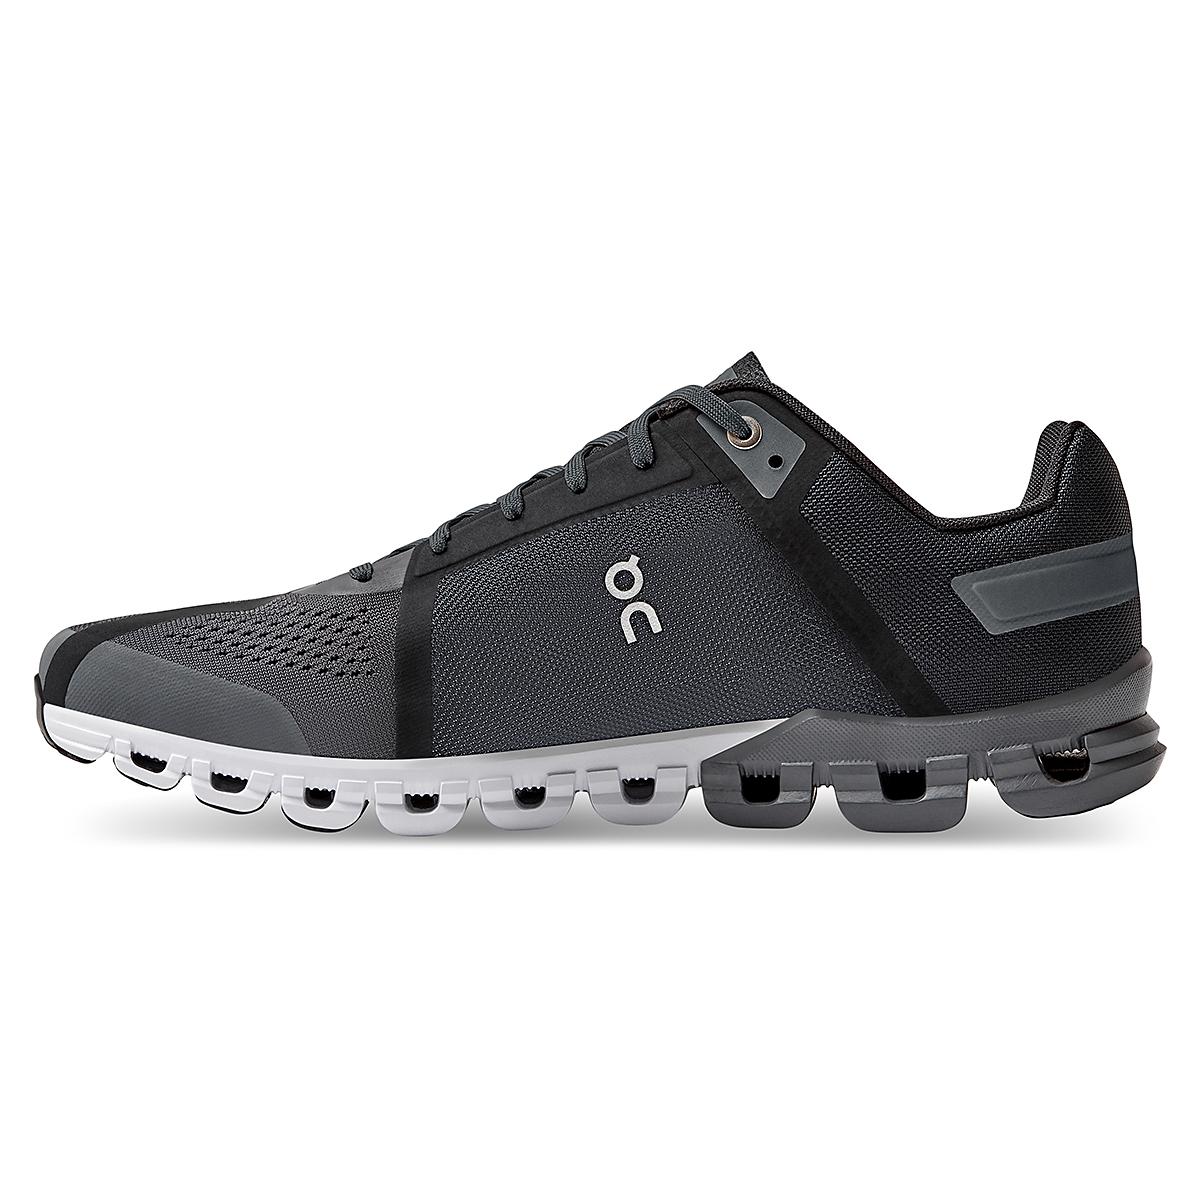 Men's On Cloudflow 3.0 Running Shoe - Color: Black/Asphalt - Size: 7 - Width: Regular, Black/Asphalt, large, image 2